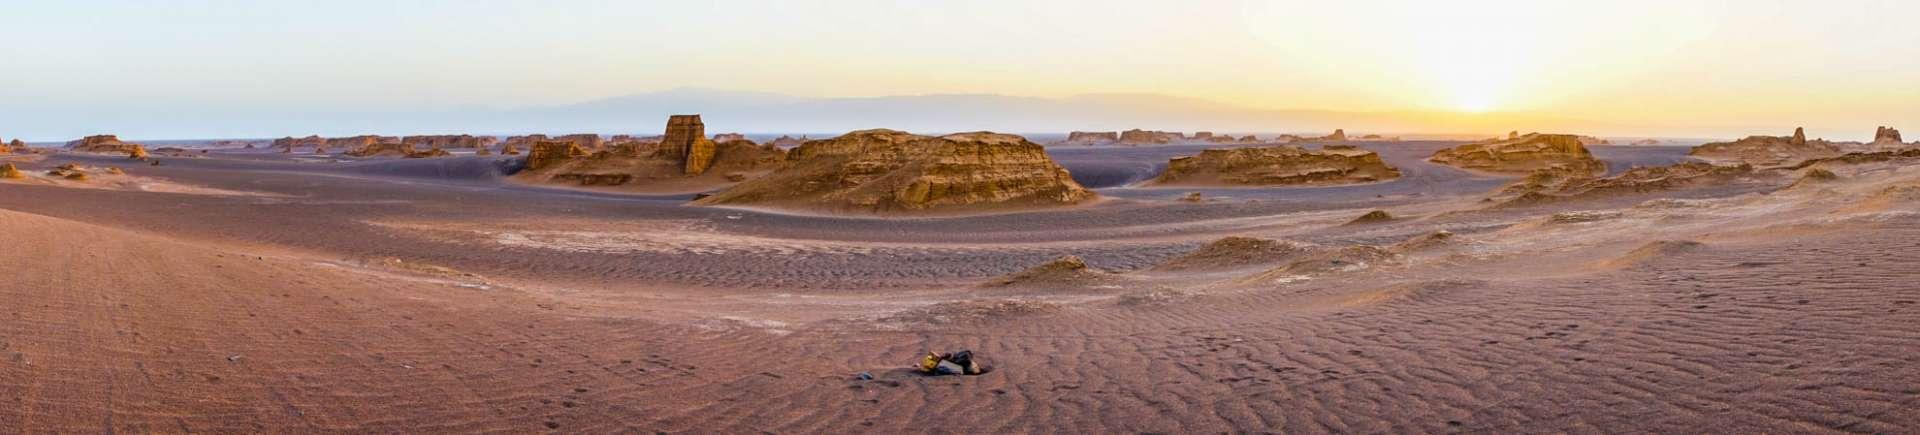 Kaluts sunrise, kerman, iran, pescart, photo blog, travel blog, blog, photo travel blog, enrico pescantini, pescantini